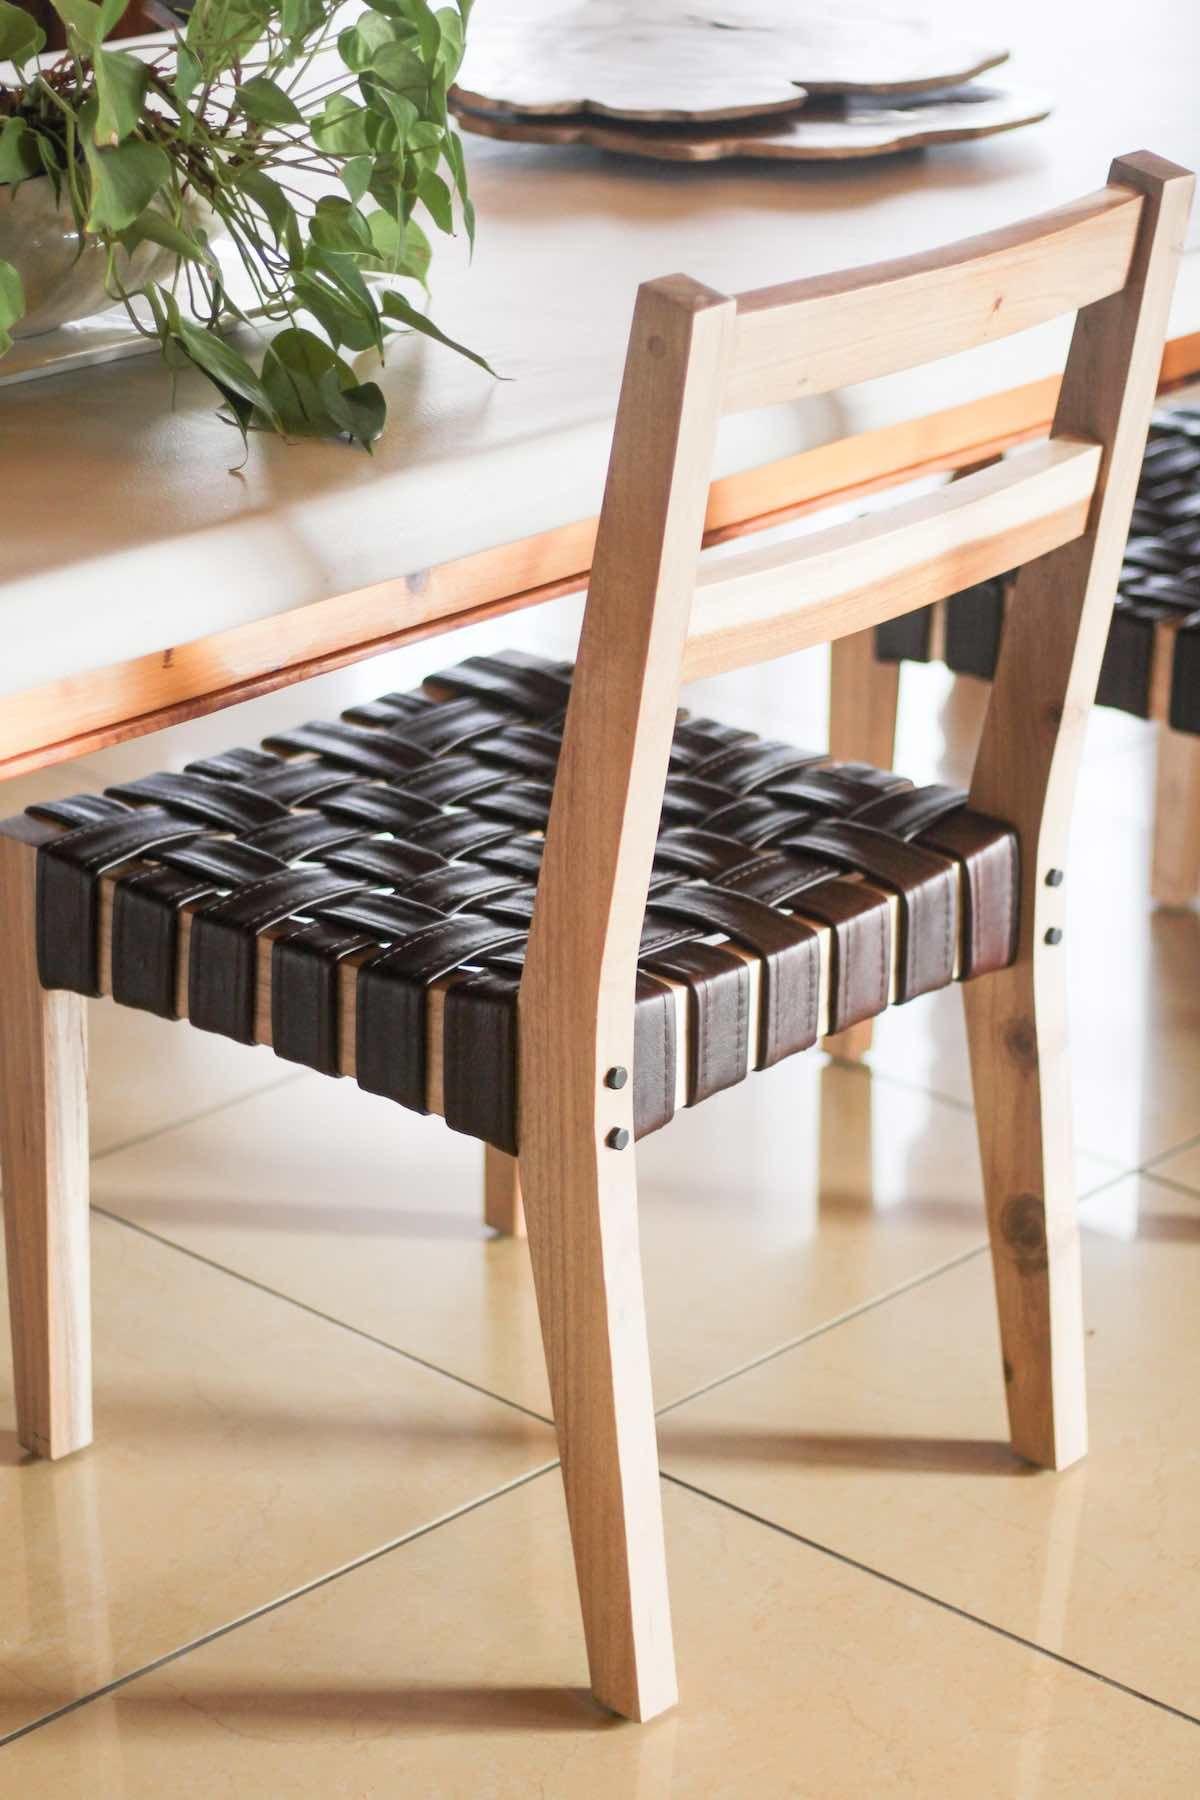 Blog Incanda Furniture Interior Design Paarl Durbanville